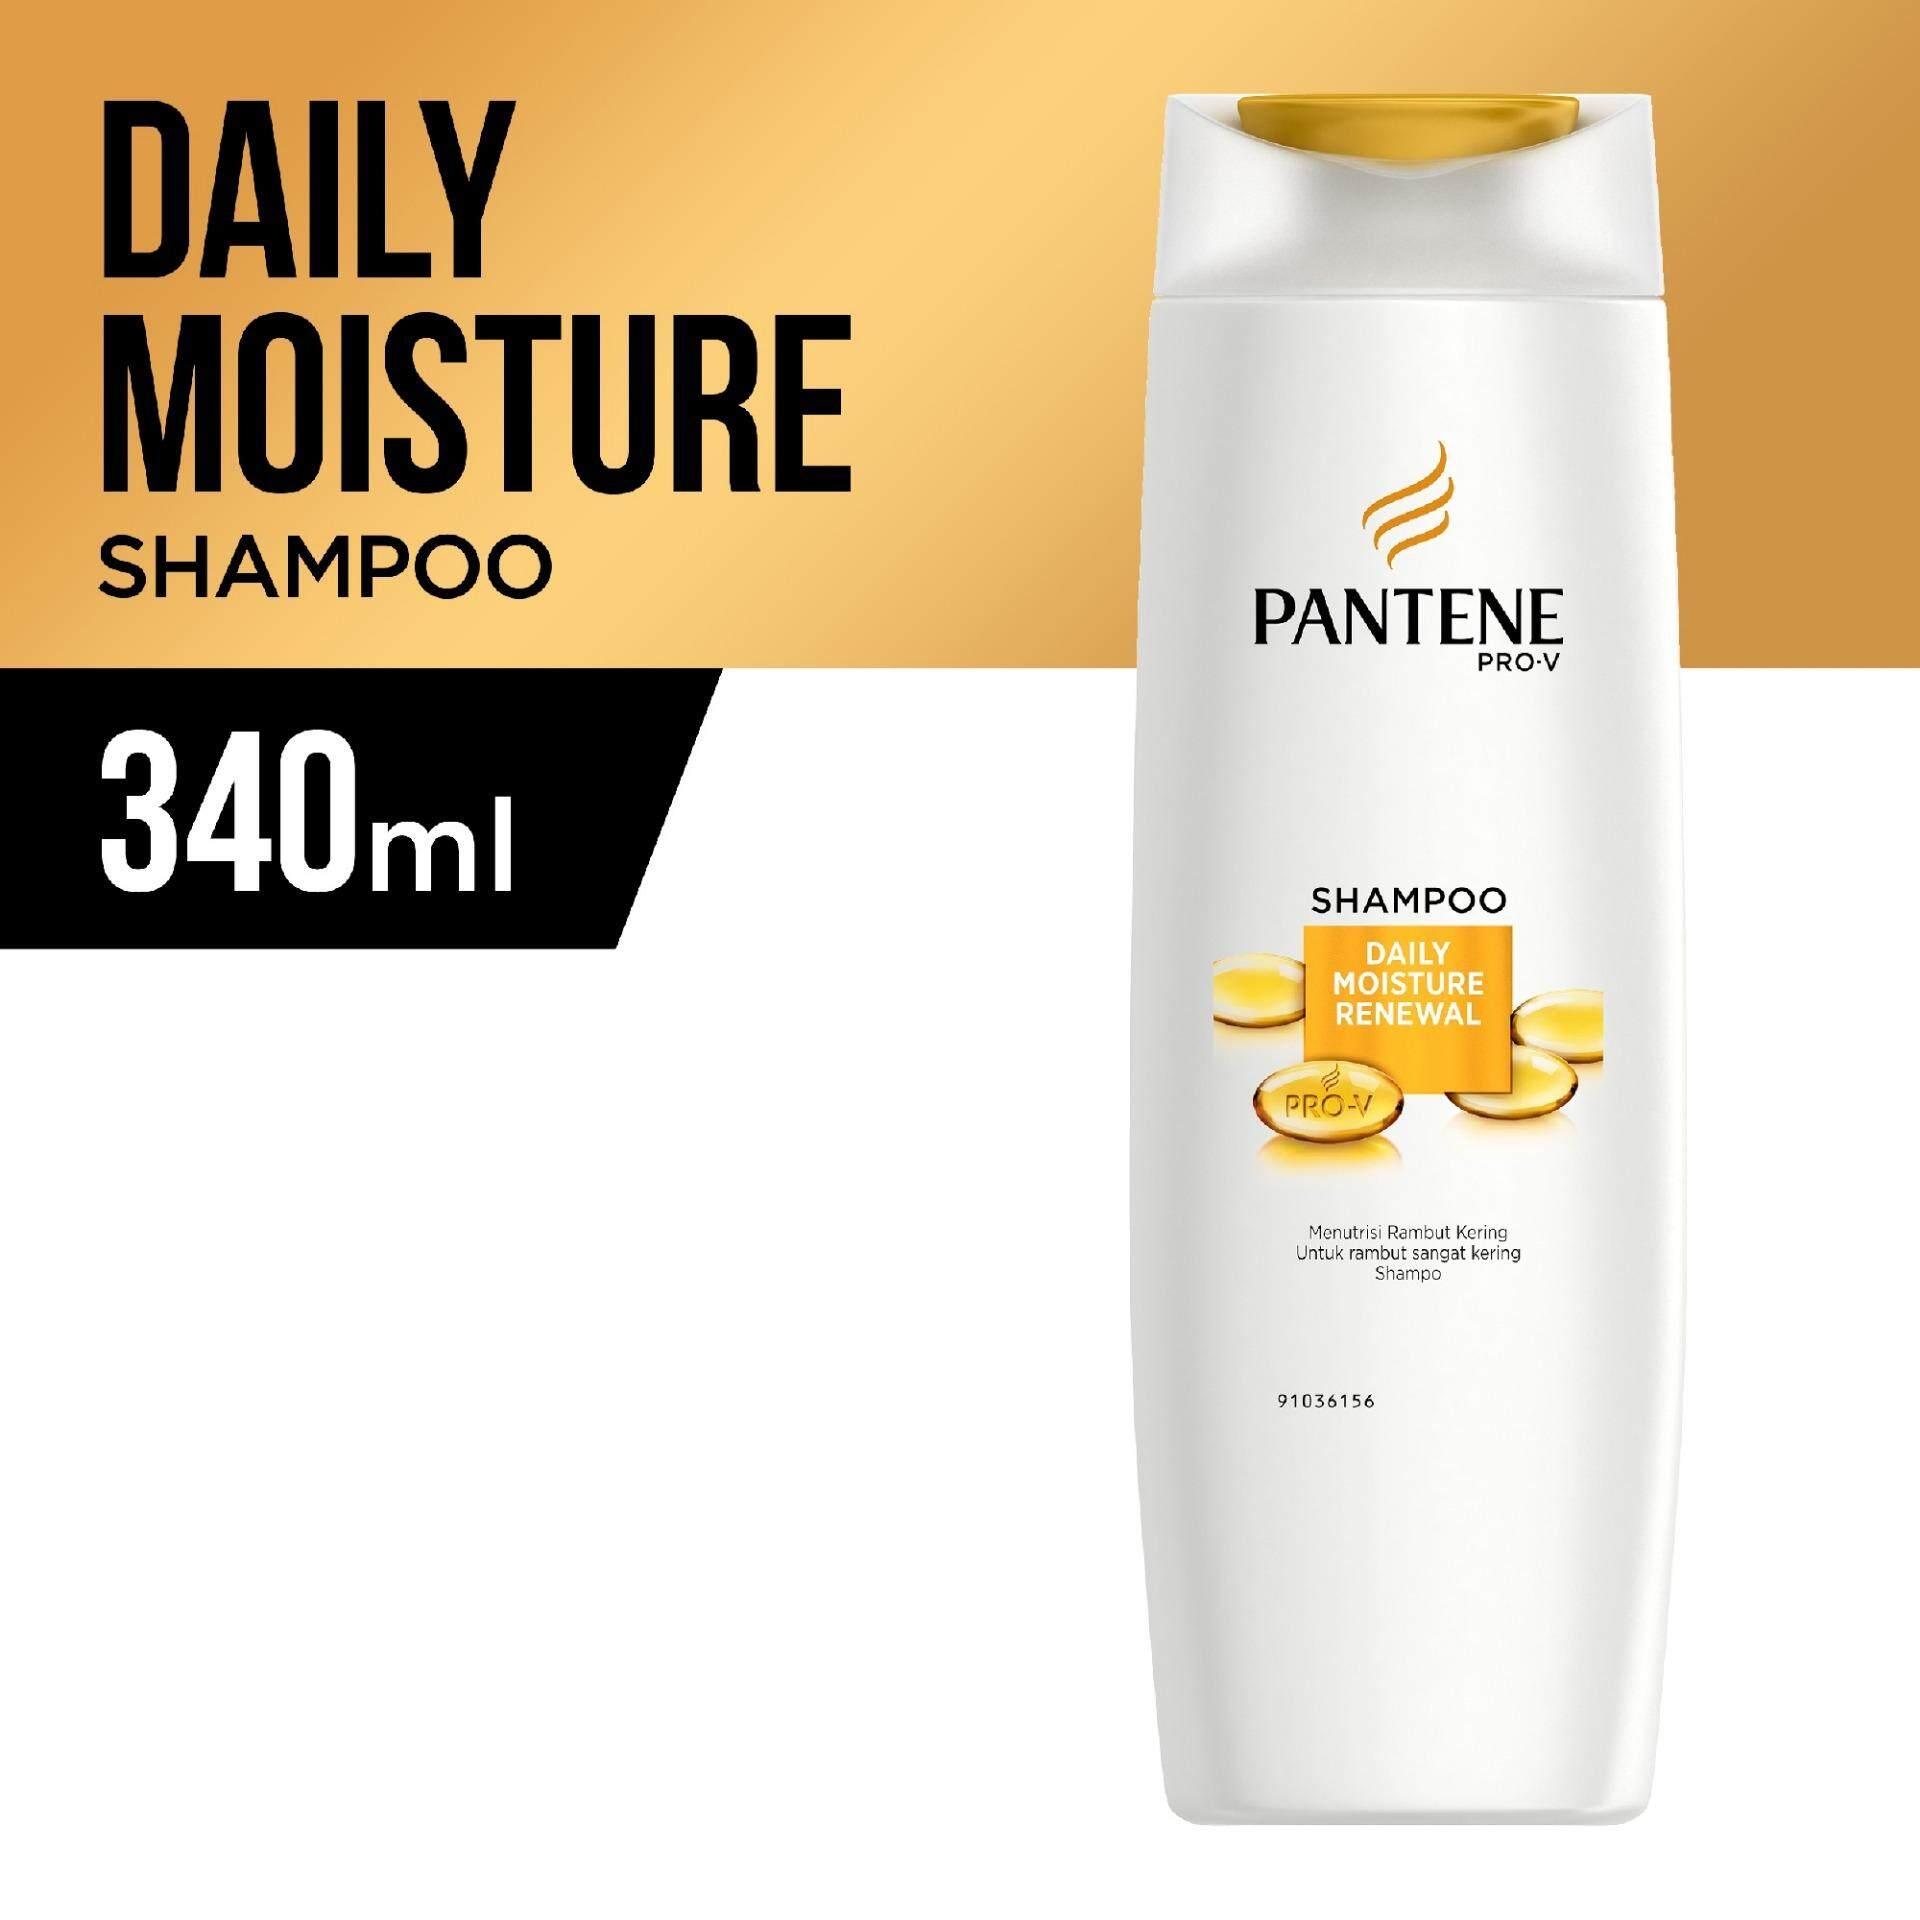 [RAYA SALE] Pantene Daily Moisture Renewal Shampoo 340ml